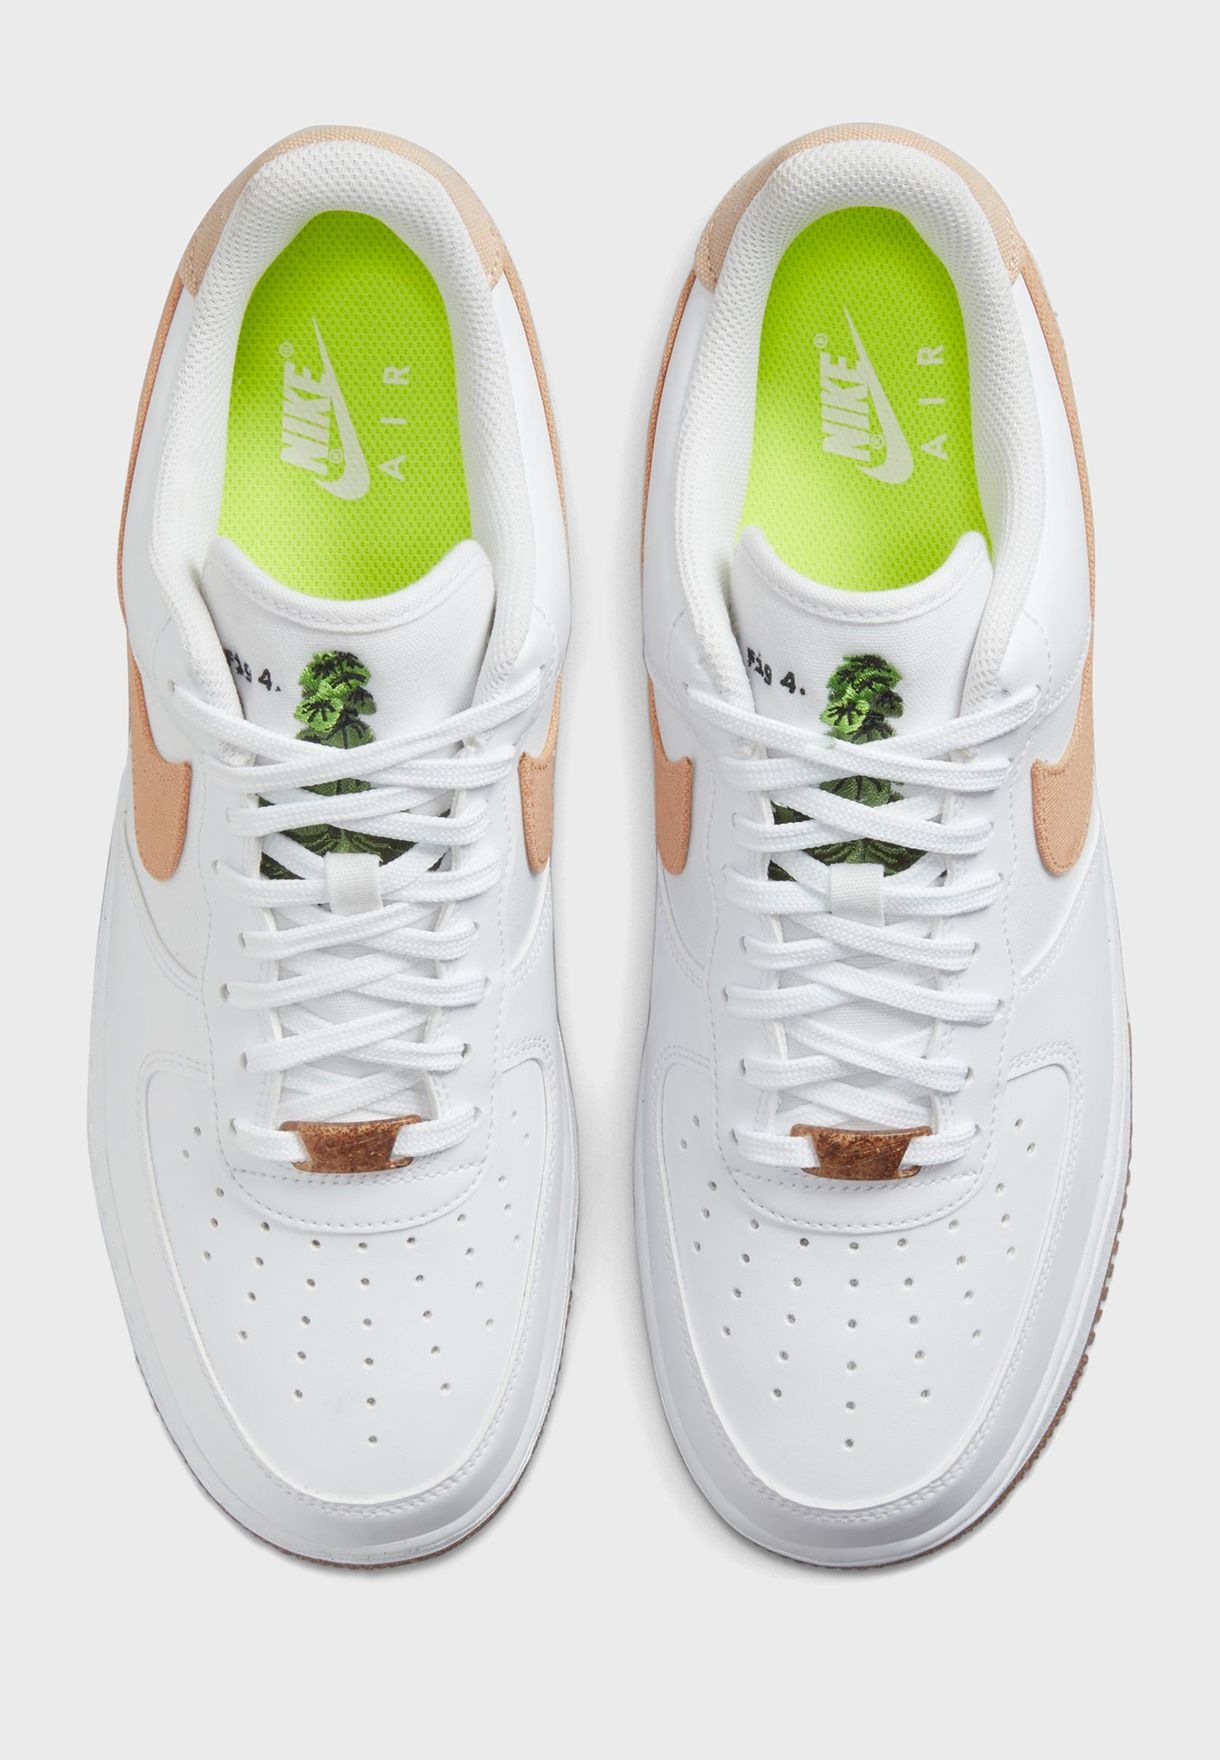 حذاء اير فورس 1 '07 ال في 8 موف 2 زيرو 2